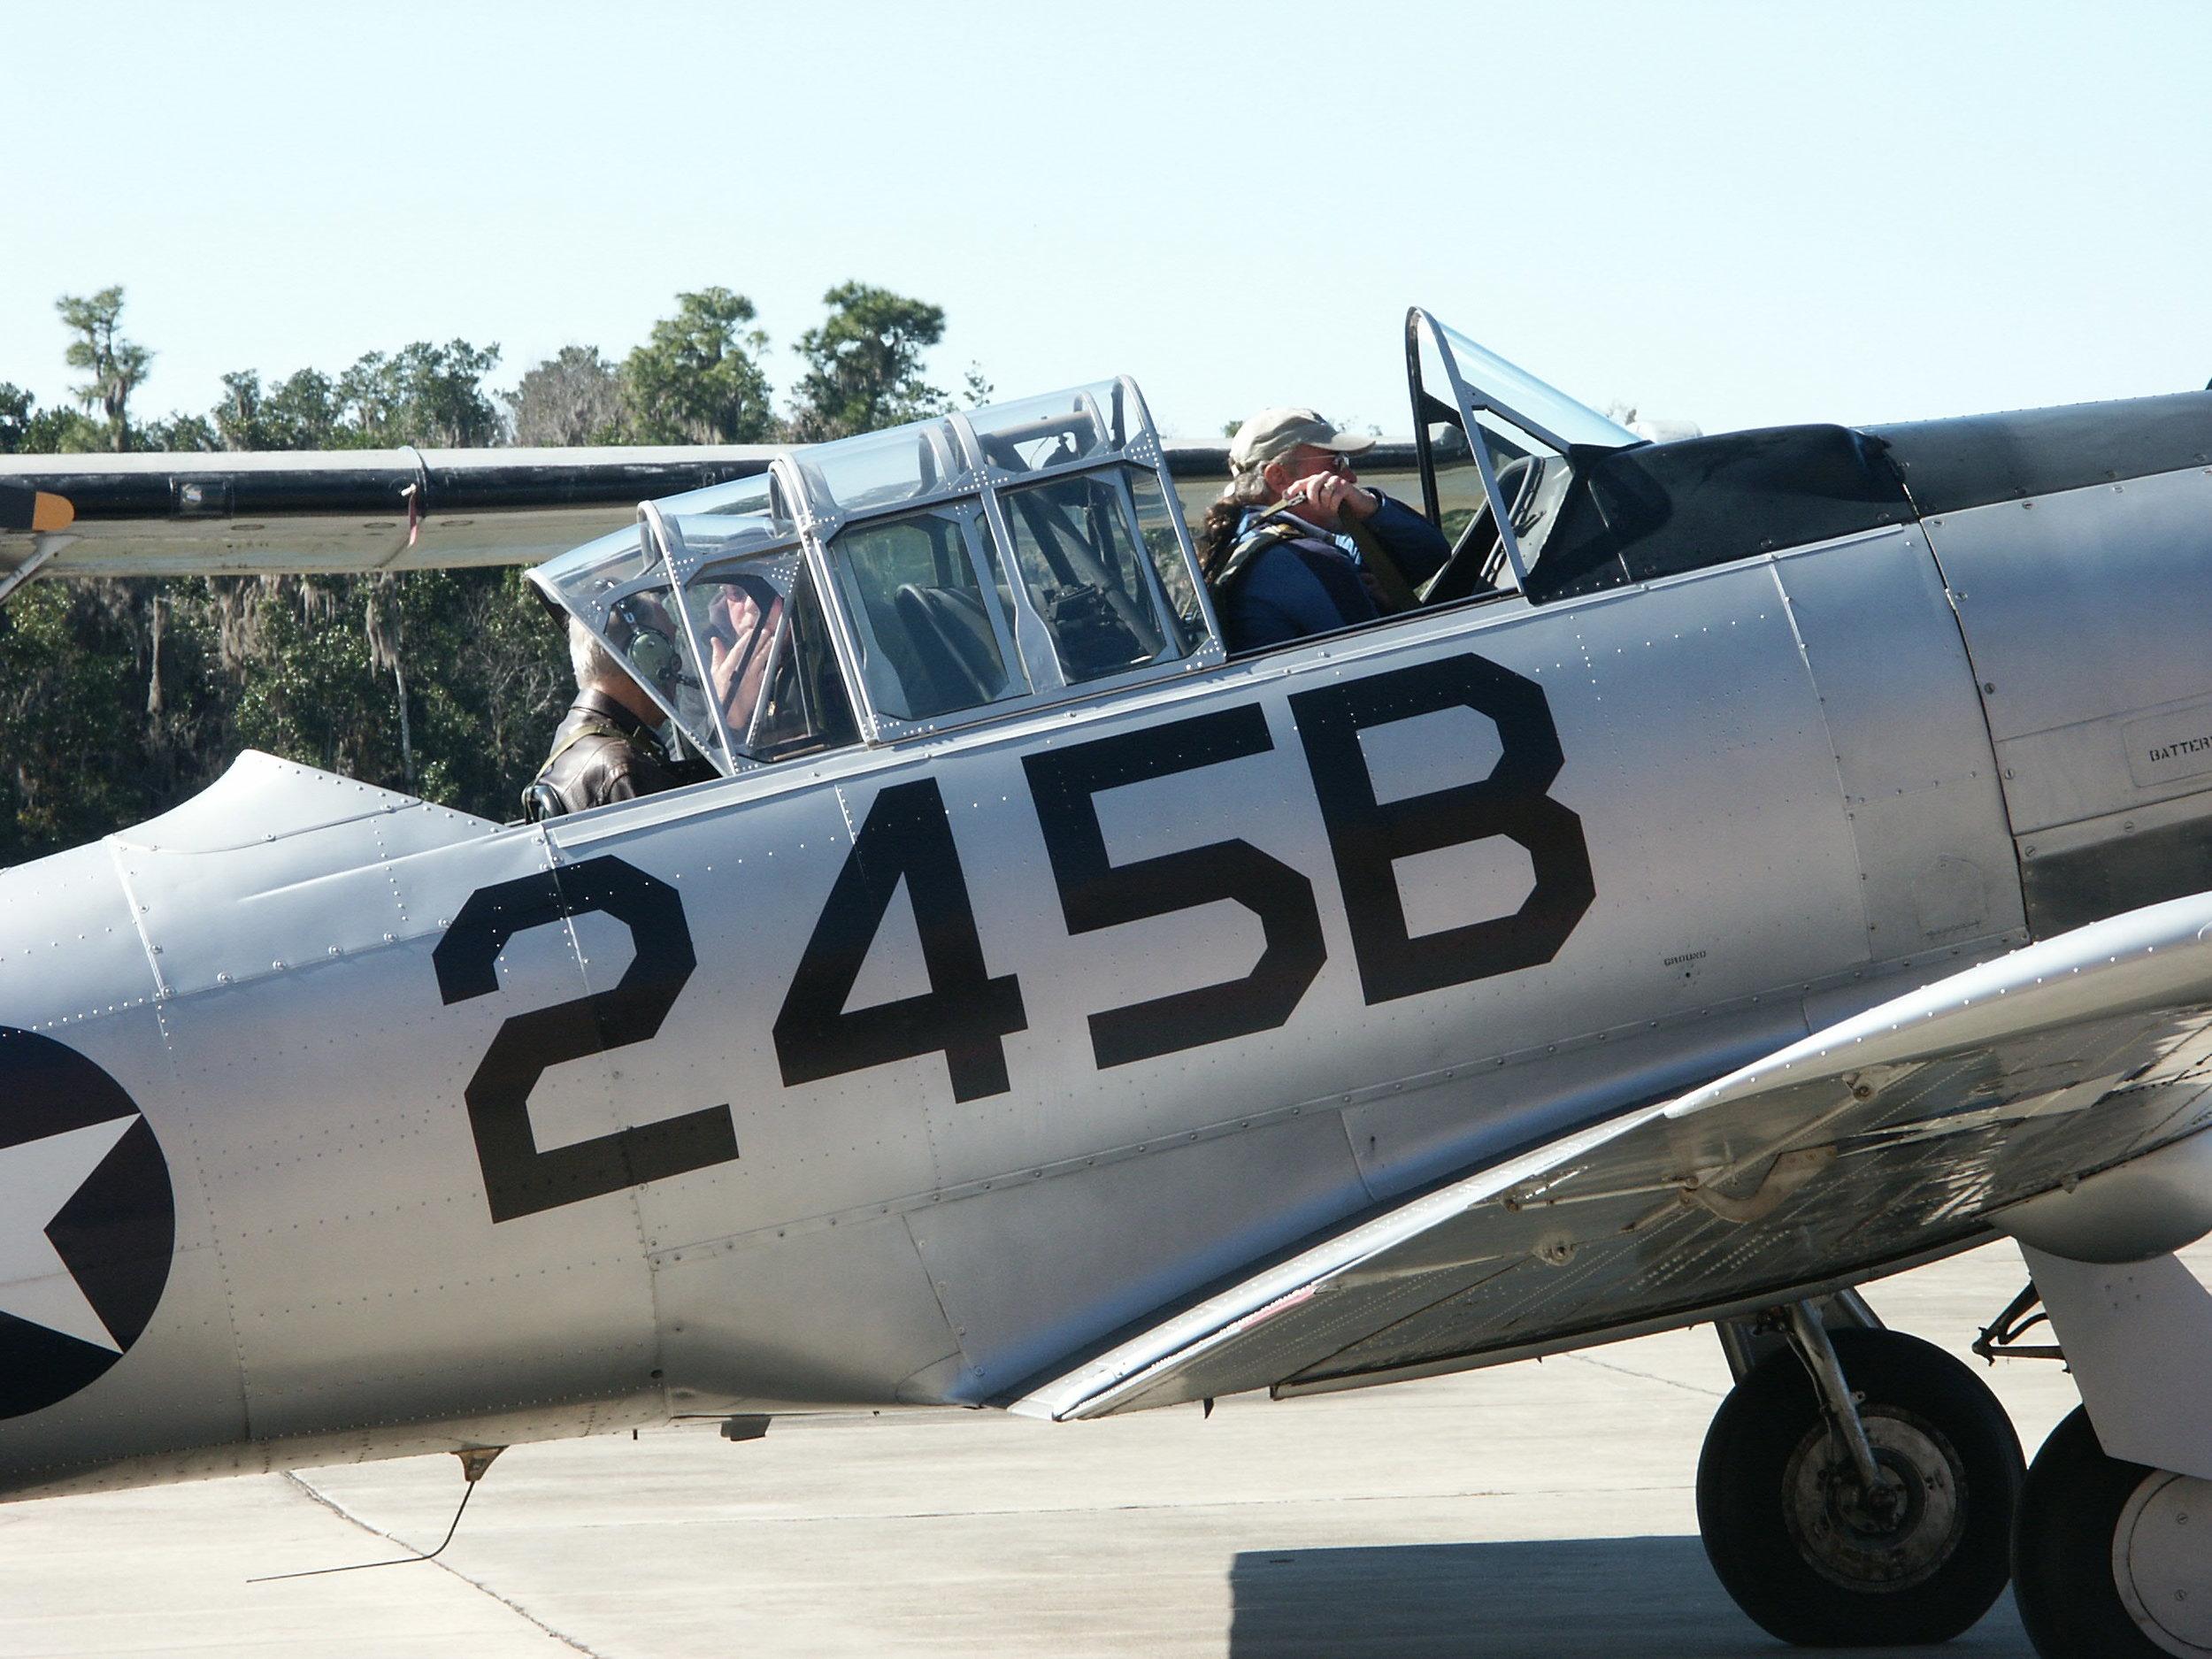 Kermit Weeks & Me in T-6 @ Fantasy of Flight - 2, 6 Jan '10.jpg